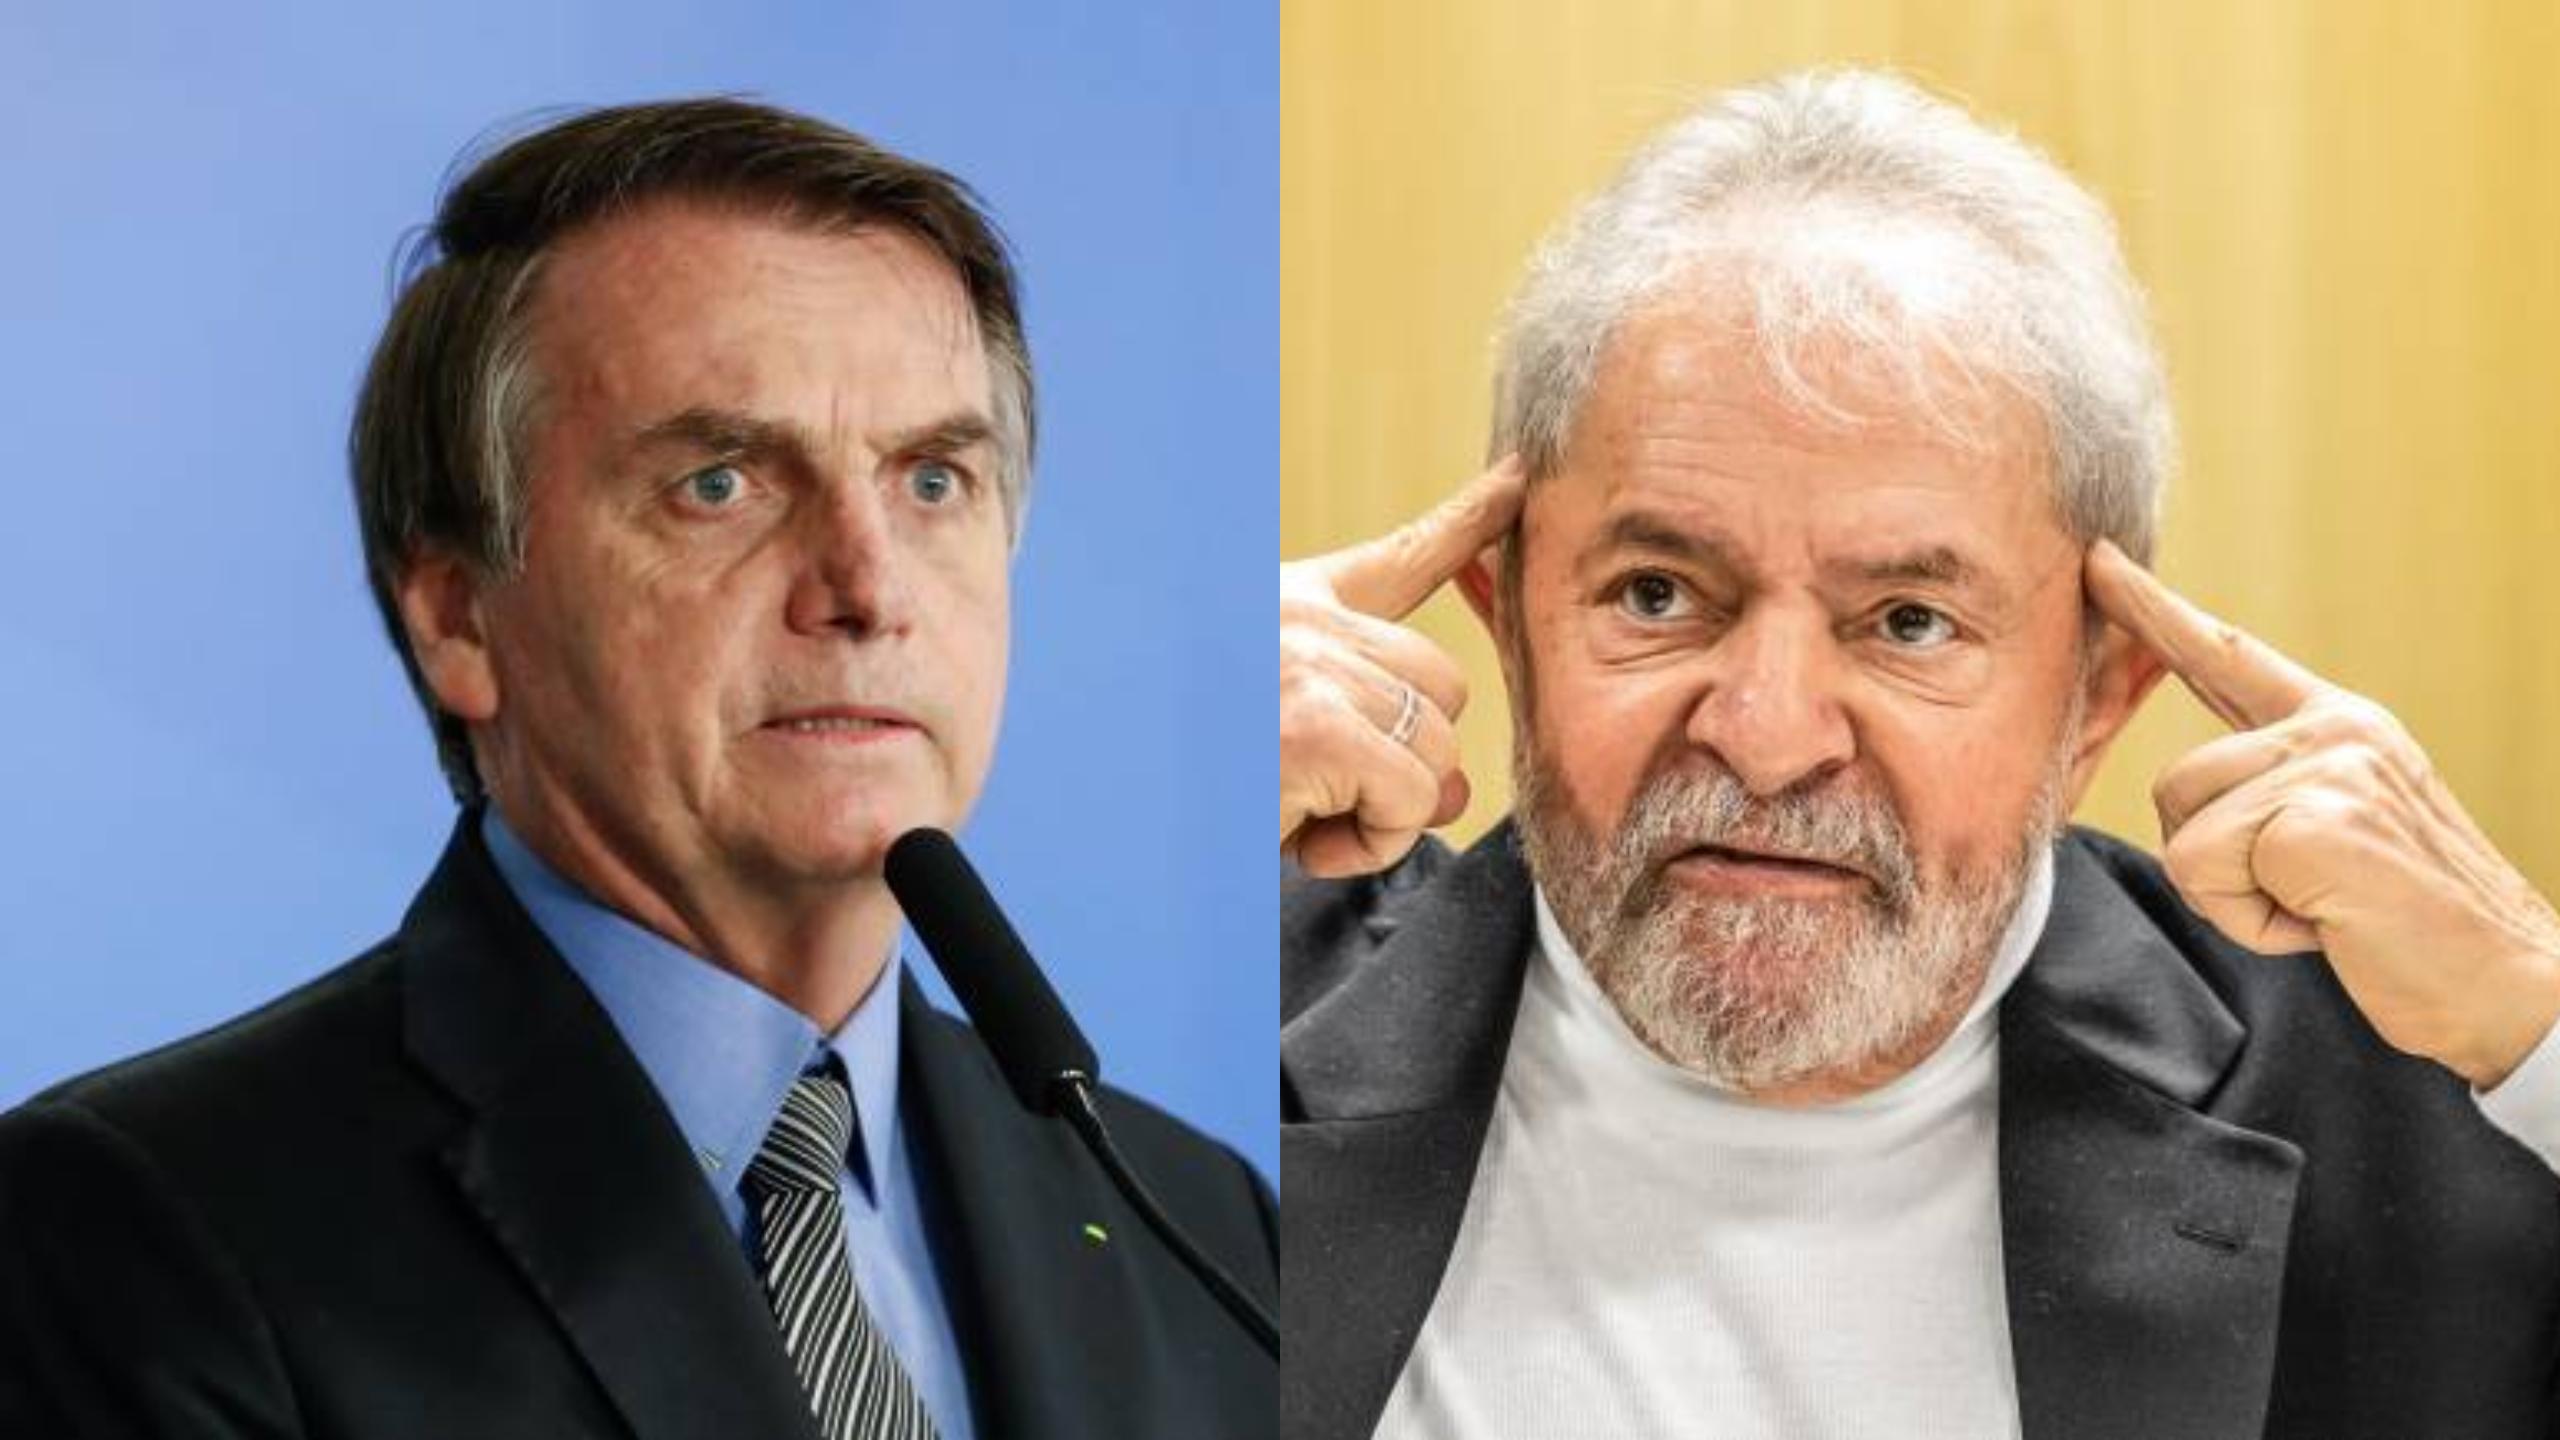 """Bolsonaro detona proposta de Lula de regular mídia: """"No que depender de nós, jamais vamos censurá-los"""""""